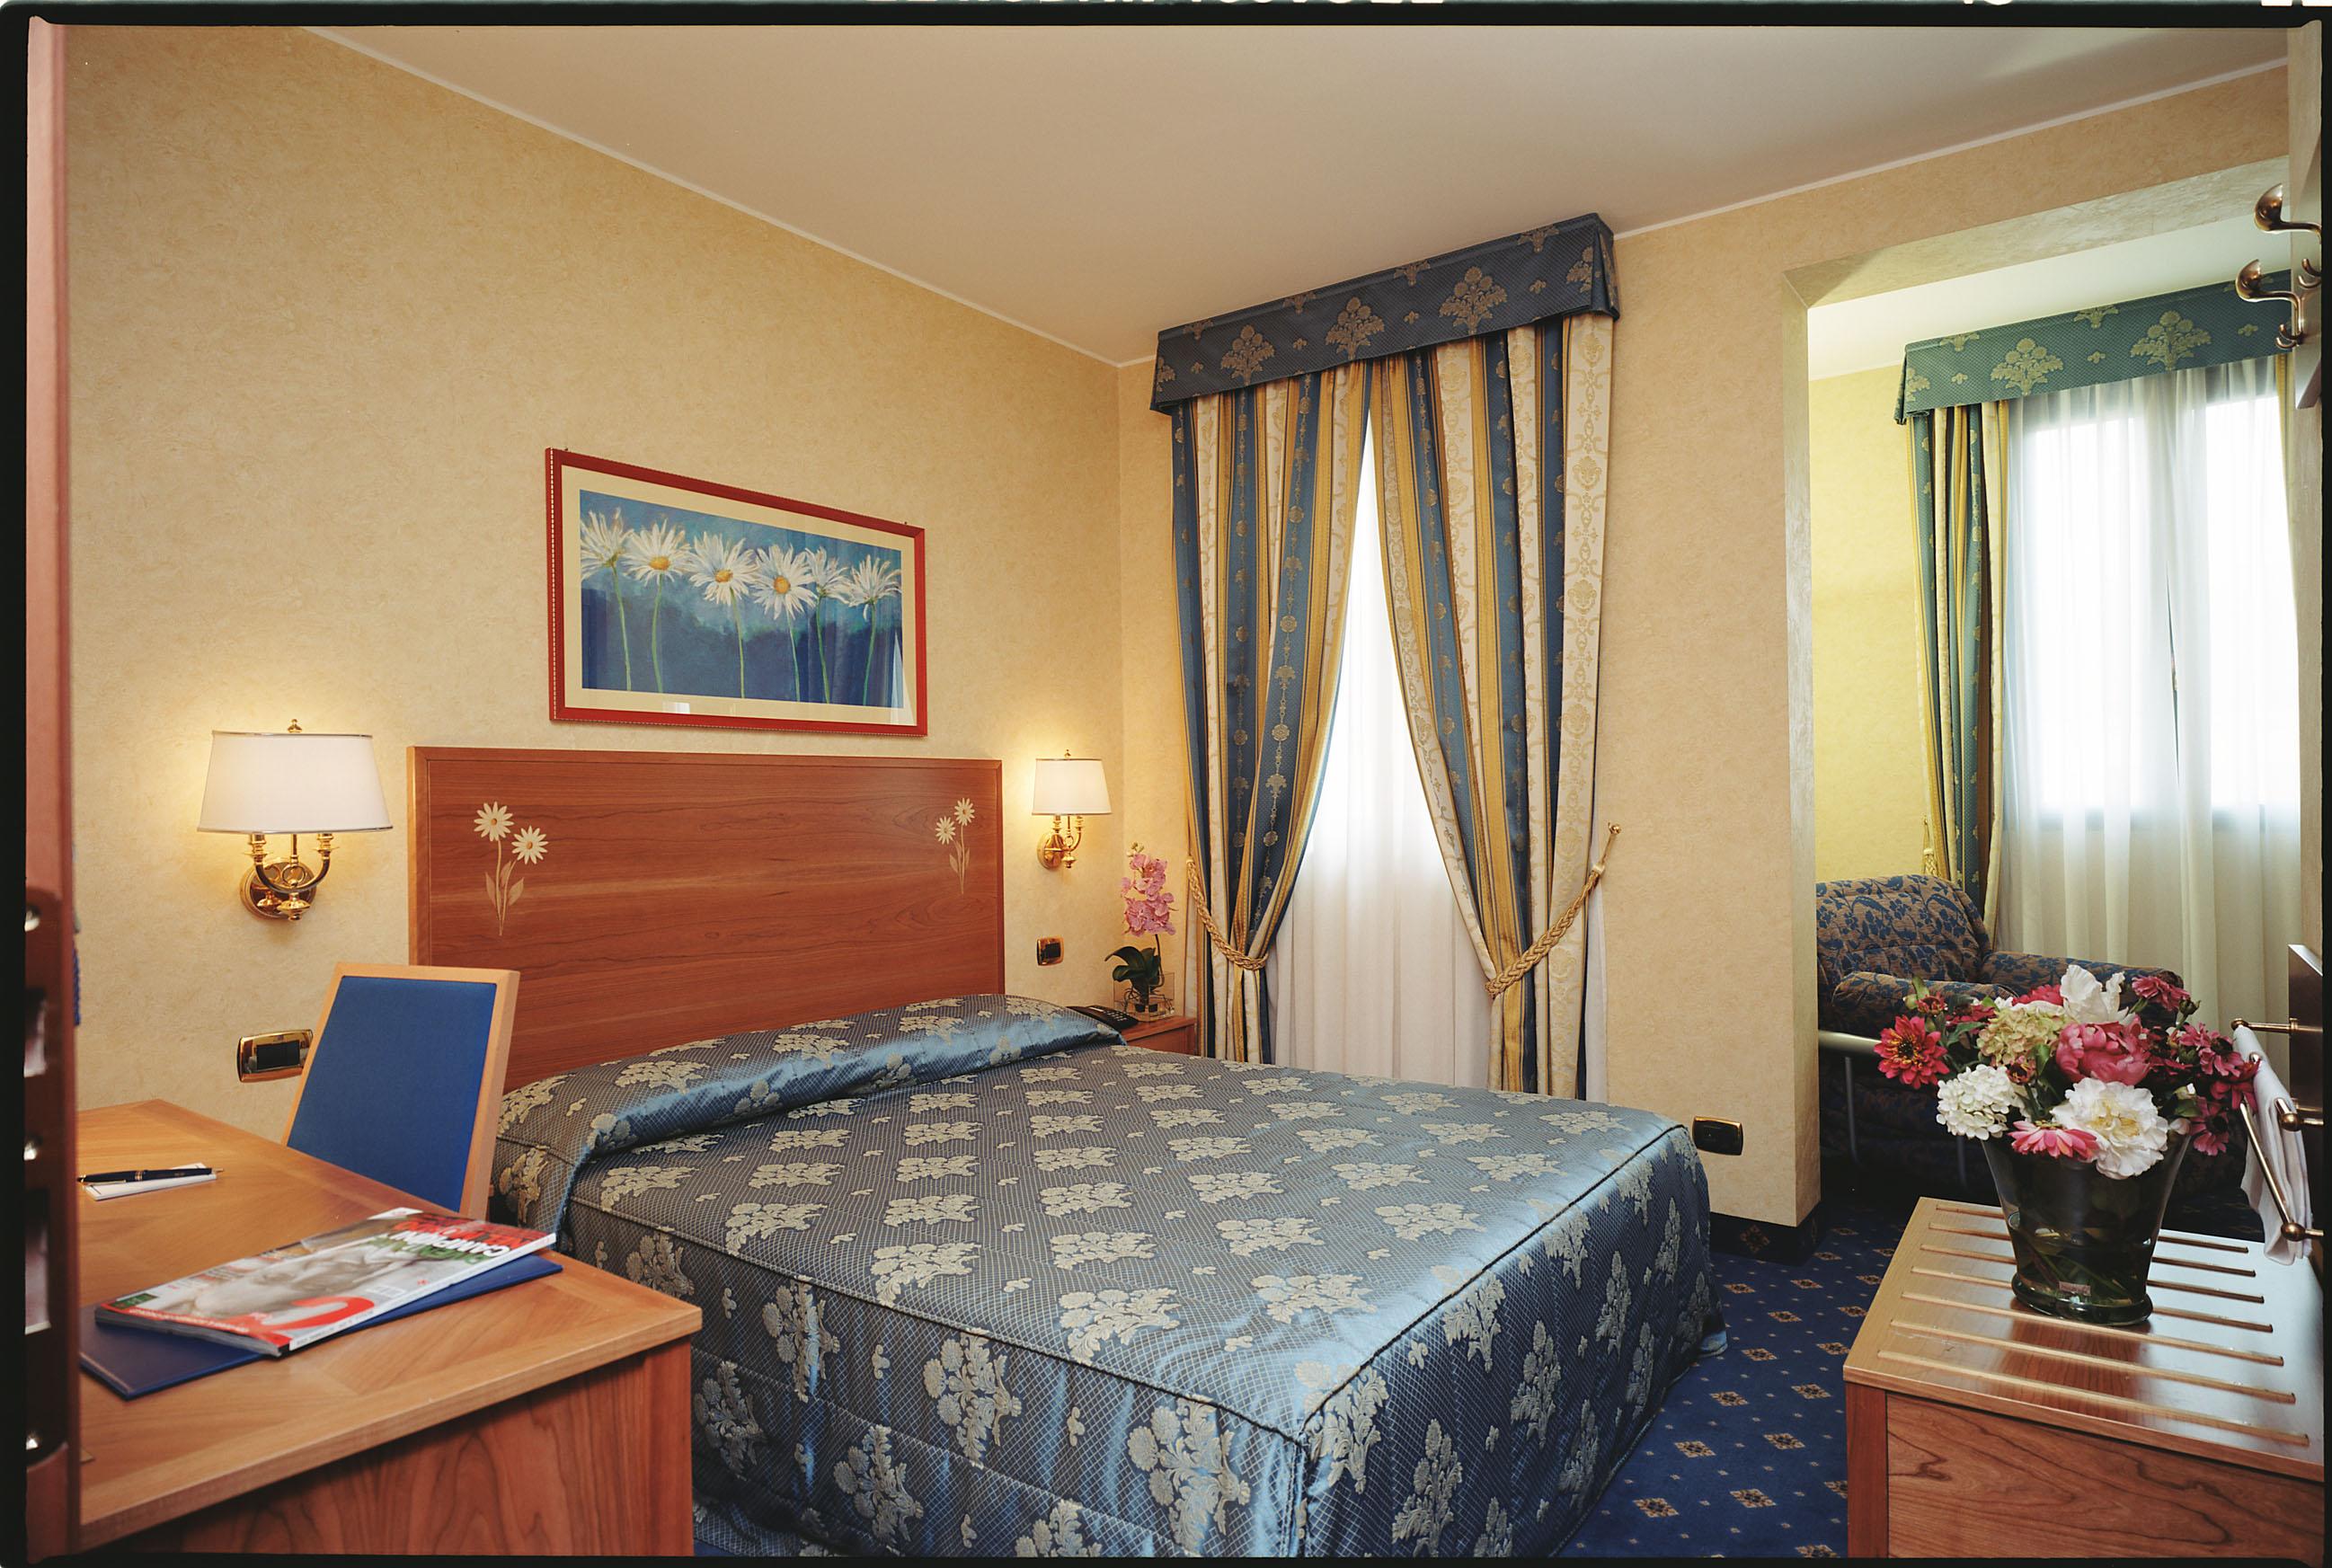 HotelDieci018